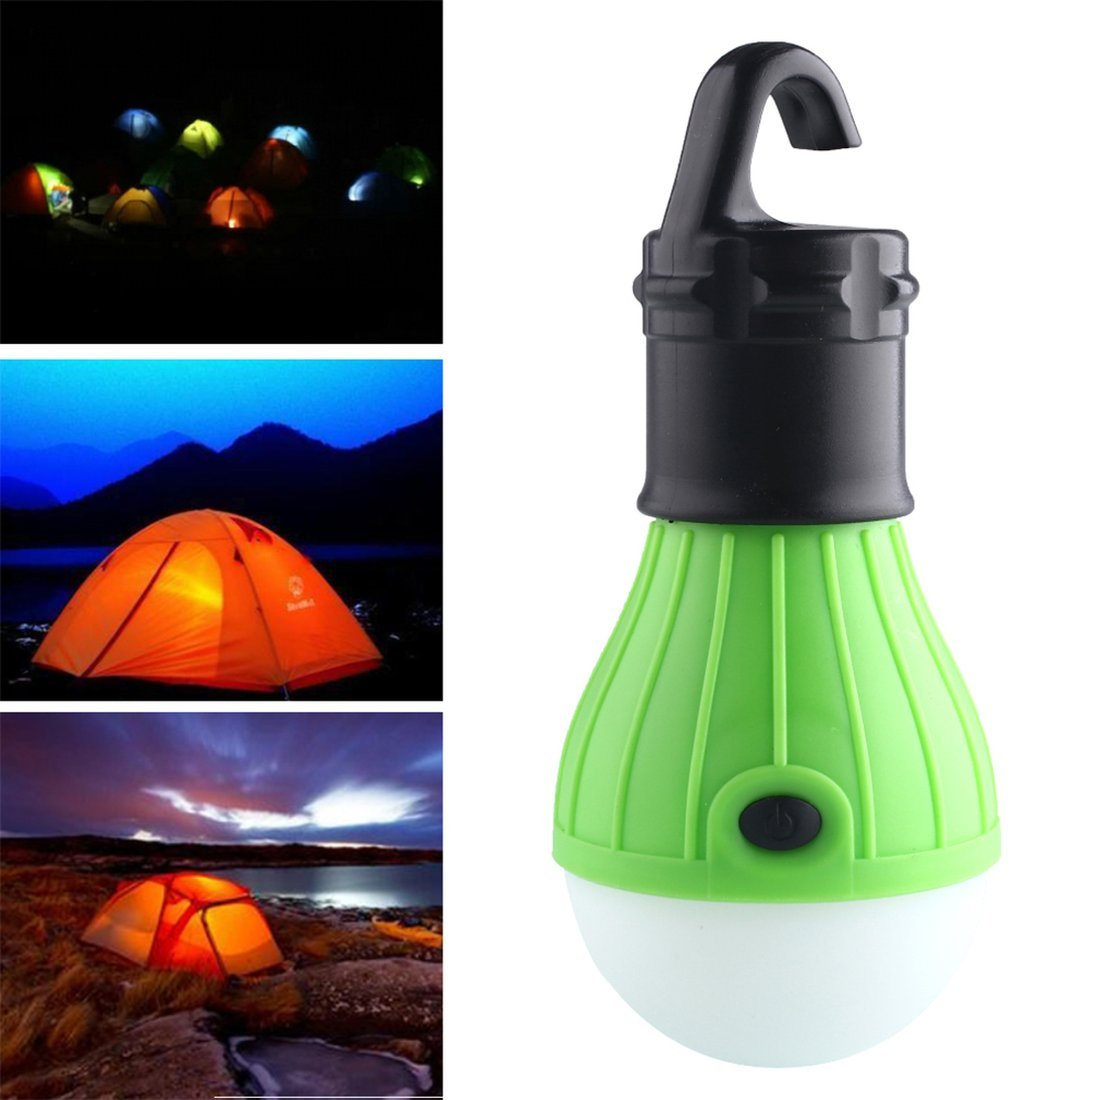 Dailyinshop Bombilla de luz LED Ultra Brillante para Tienda de Campaña con Mango de 3 LED con Gancho para Lámpara (Color: Verde)